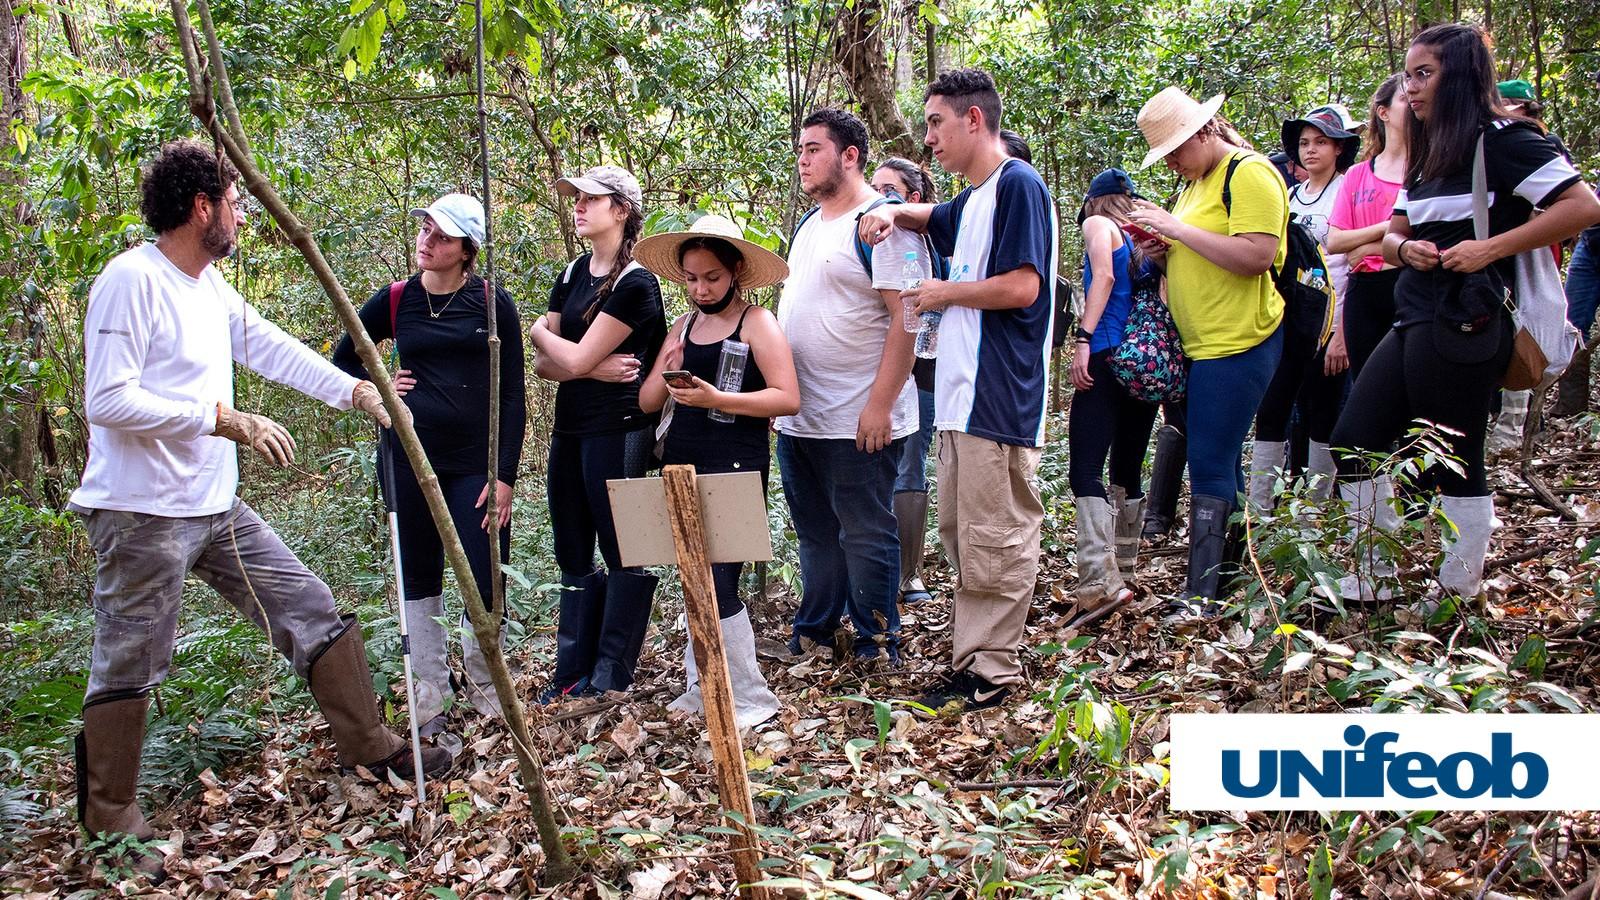 """Trilha ecológica da Unifeob é aula de Biologia """"na prática"""" para estudantes"""